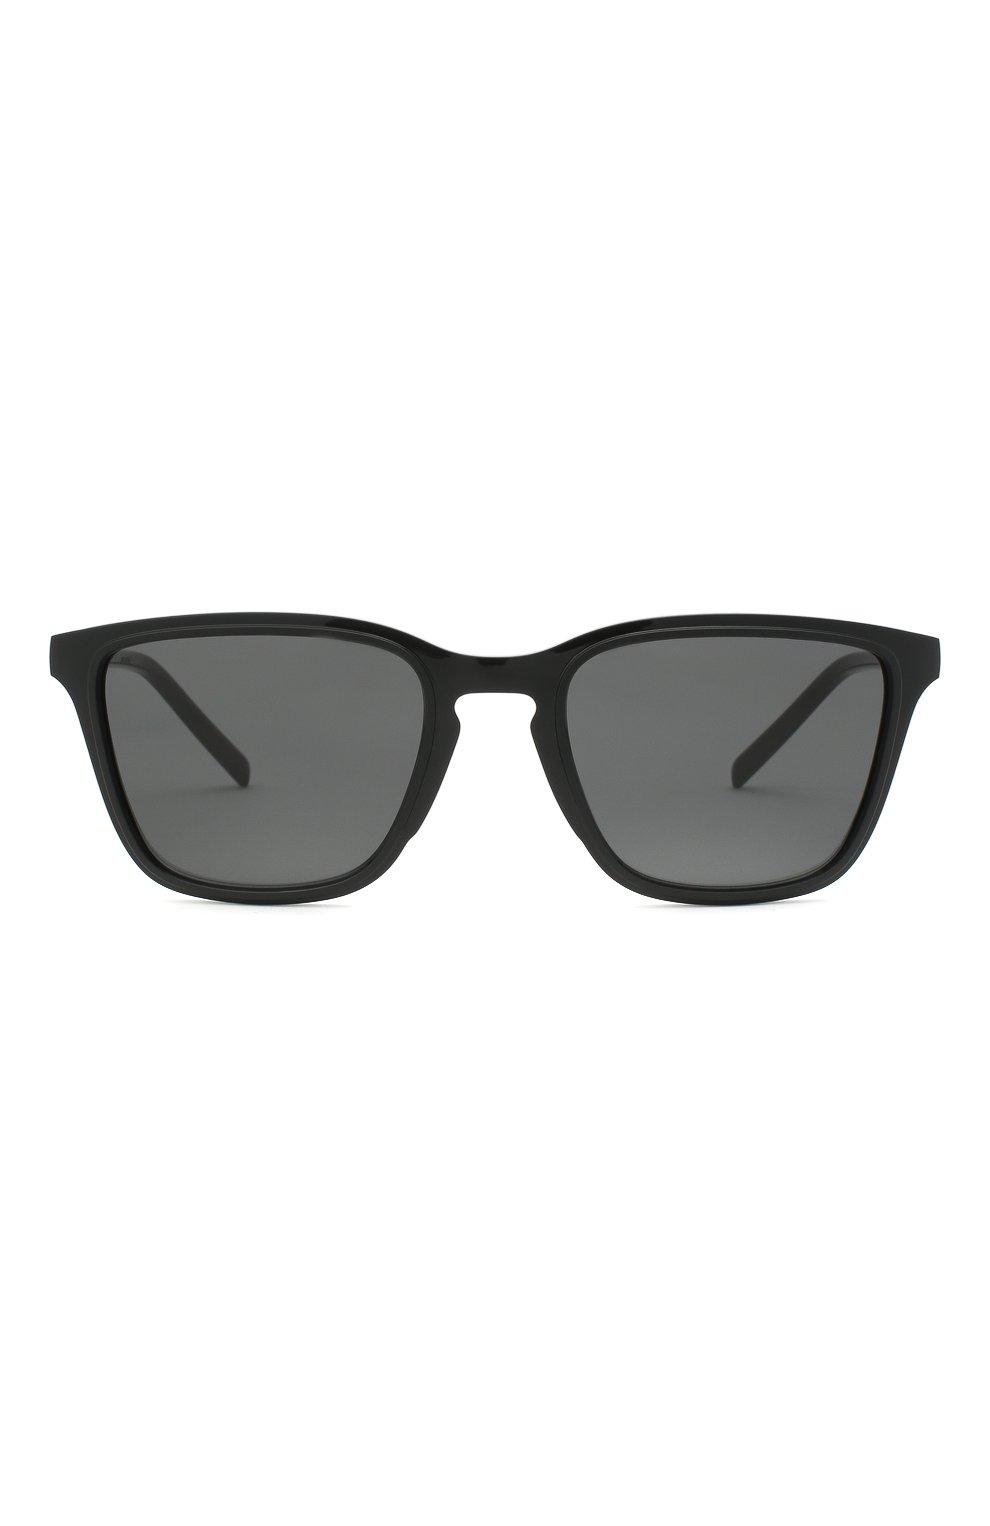 Мужские солнцезащитные очки DOLCE & GABBANA черного цвета, арт. 6145-501/87 | Фото 3